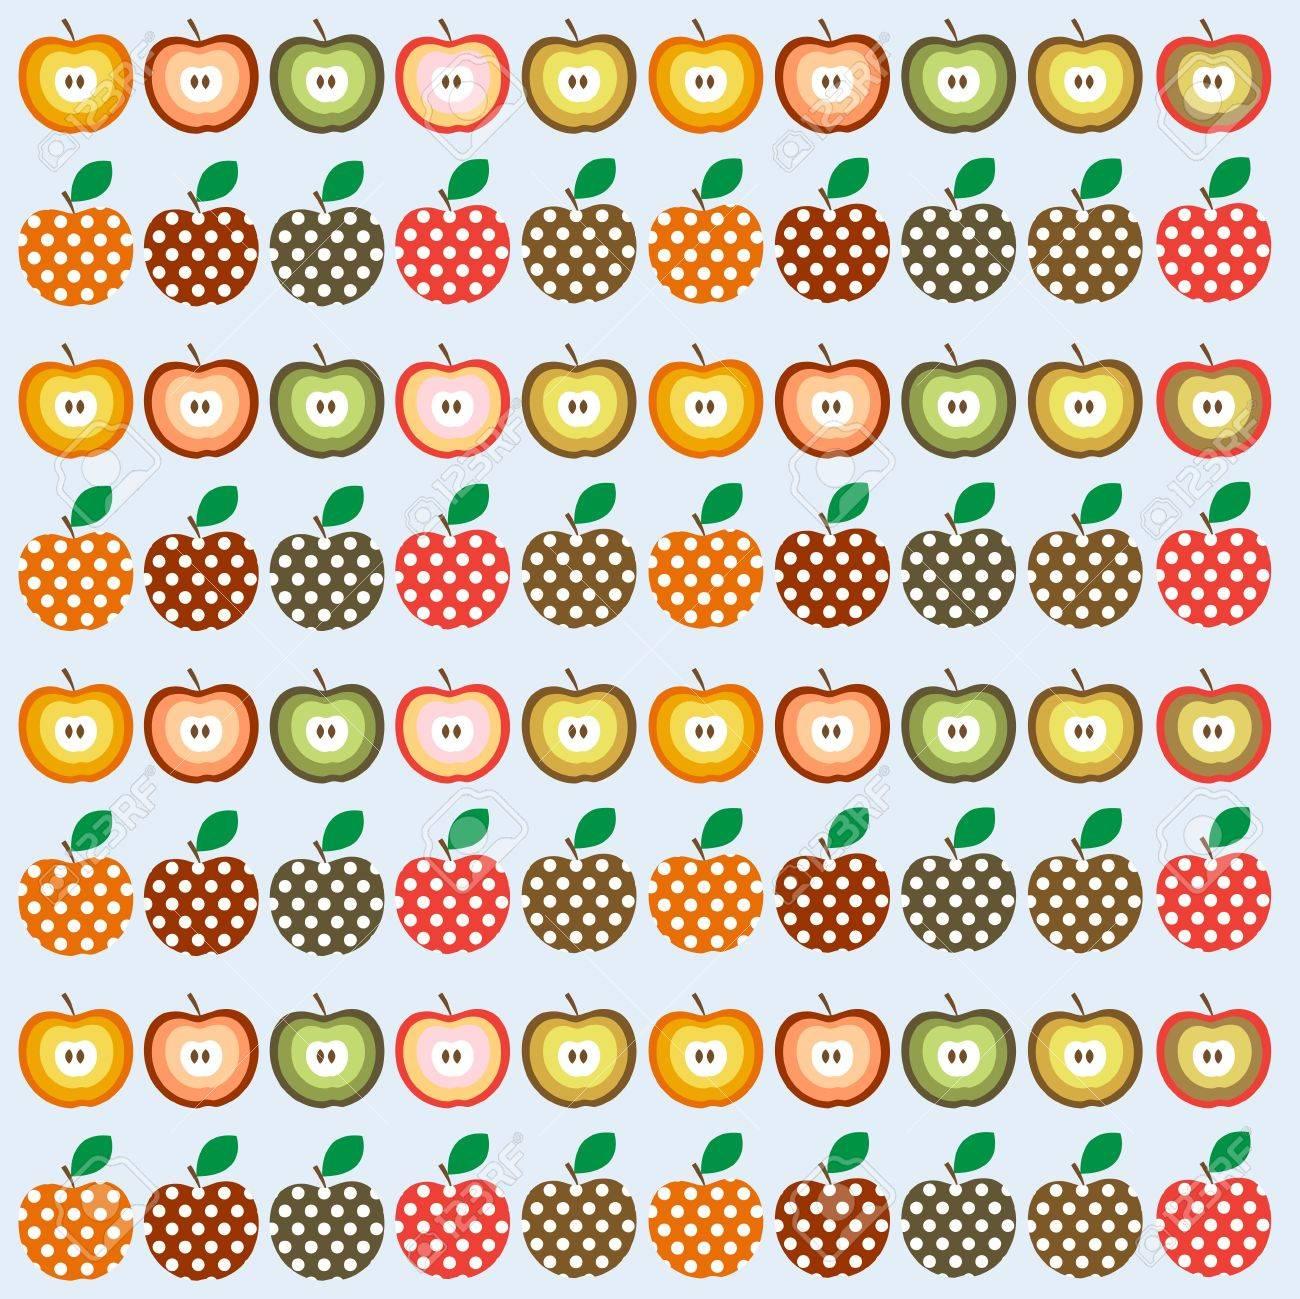 りんごとレトロなシームレスなイラスト パターンのイラスト素材ベクタ